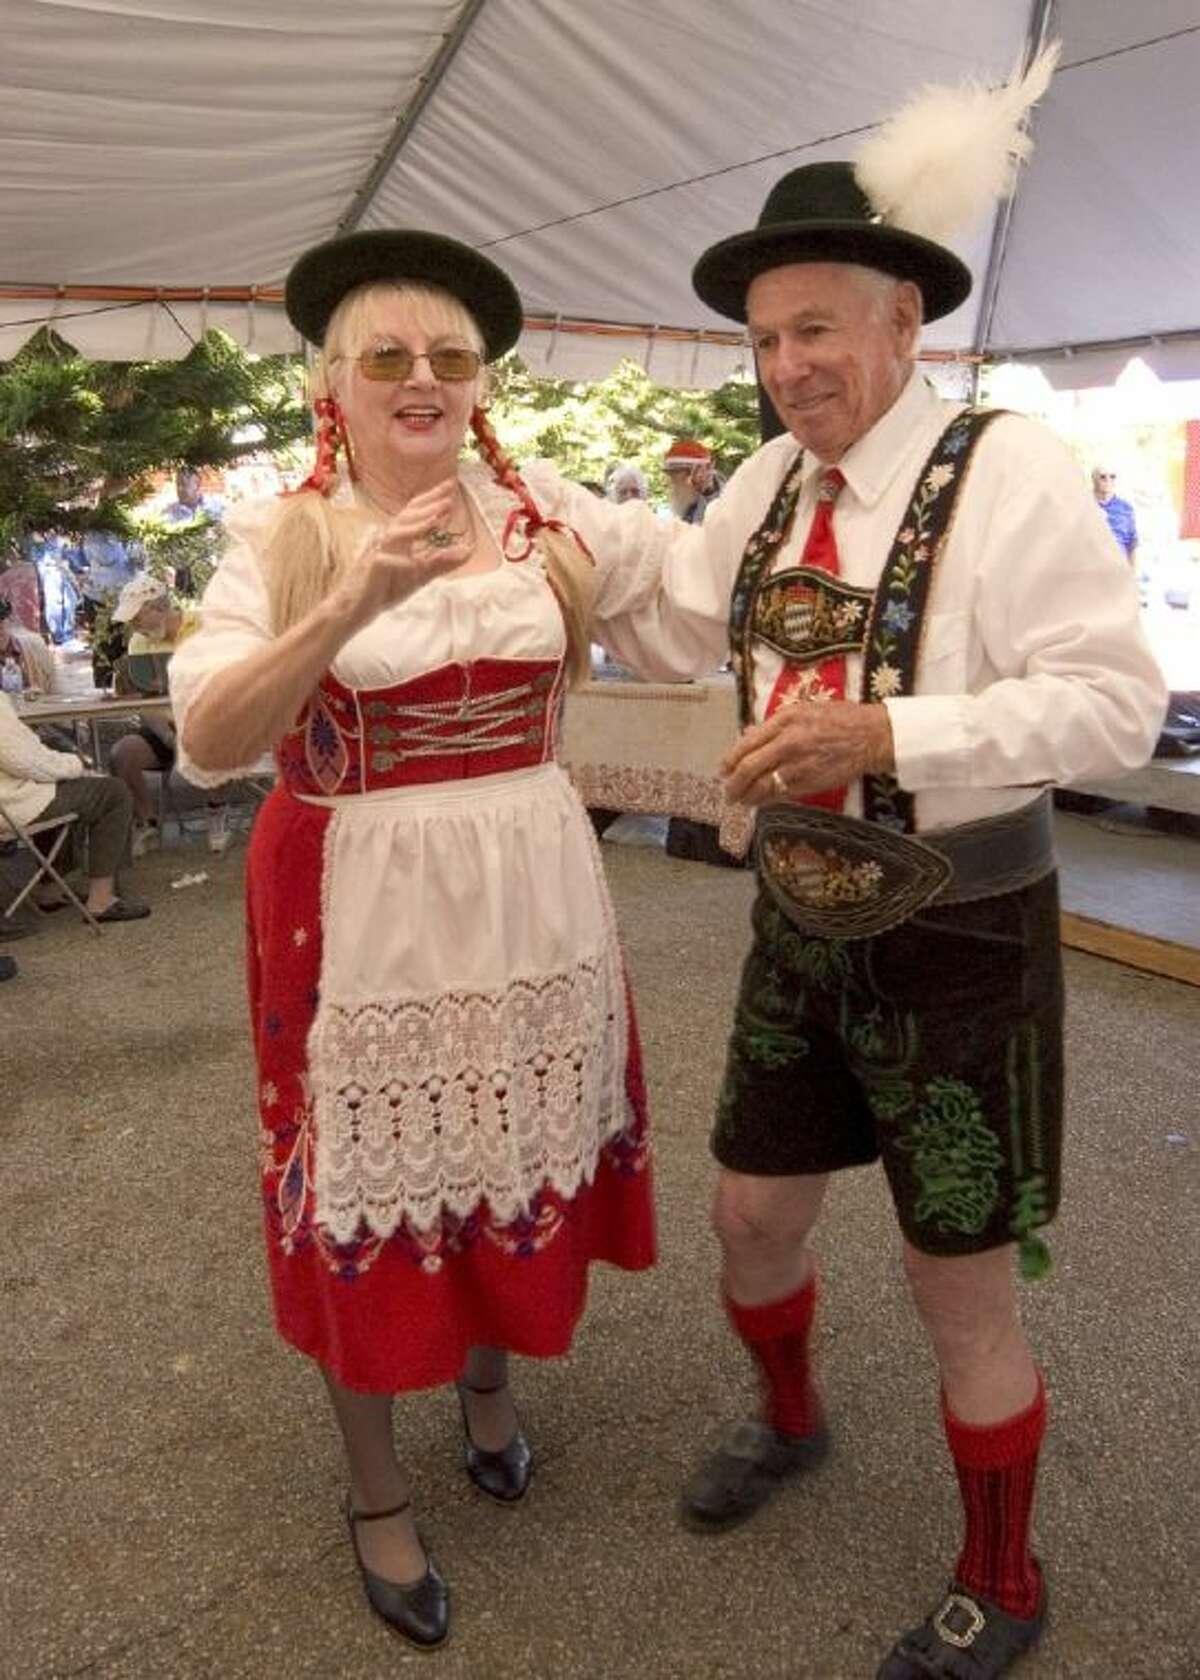 Island Oktoberfest will